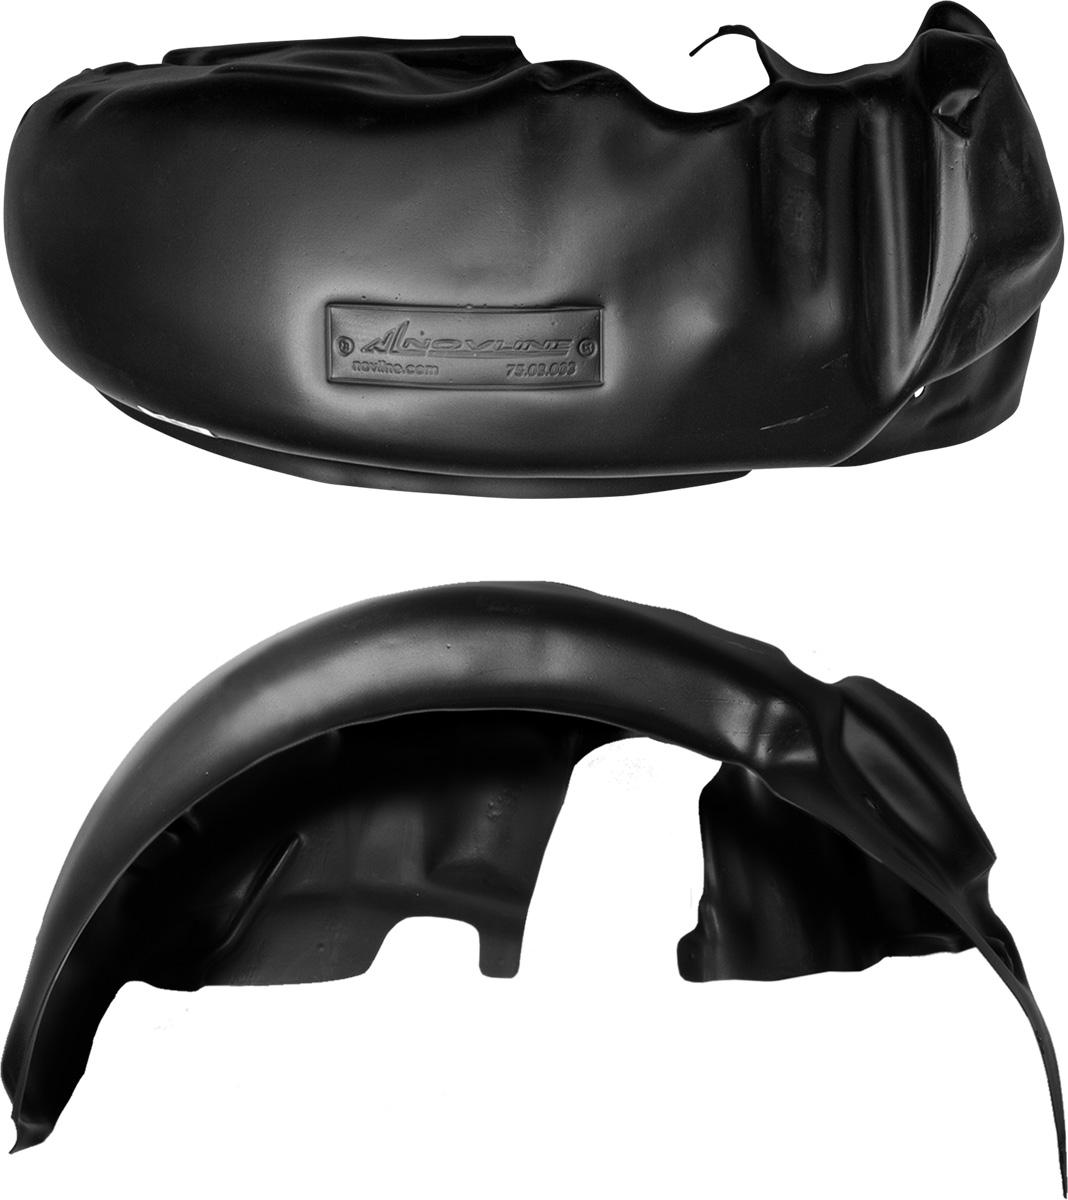 Подкрылок Novline-Autofamily, для Nissan X-Trail, 2011->, задний левыйNLL.36.38.003Колесные ниши - одни из самых уязвимых зон днища вашего автомобиля. Они постоянно подвергаются воздействию со стороны дороги. Лучшая, почти абсолютная защита для них - специально отформованные пластиковые кожухи, которые называются подкрылками. Производятся они как для отечественных моделей автомобилей, так и для иномарок. Подкрылки Novline-Autofamily выполнены из высококачественного, экологически чистого пластика. Обеспечивают надежную защиту кузова автомобиля от пескоструйного эффекта и негативного влияния, агрессивных антигололедных реагентов. Пластик обладает более низкой теплопроводностью, чем металл, поэтому в зимний период эксплуатации использование пластиковых подкрылков позволяет лучше защитить колесные ниши от налипания снега и образования наледи. Оригинальность конструкции подчеркивает элегантность автомобиля, бережно защищает нанесенное на днище кузова антикоррозийное покрытие и позволяет осуществить крепление подкрылков внутри колесной арки практически без...